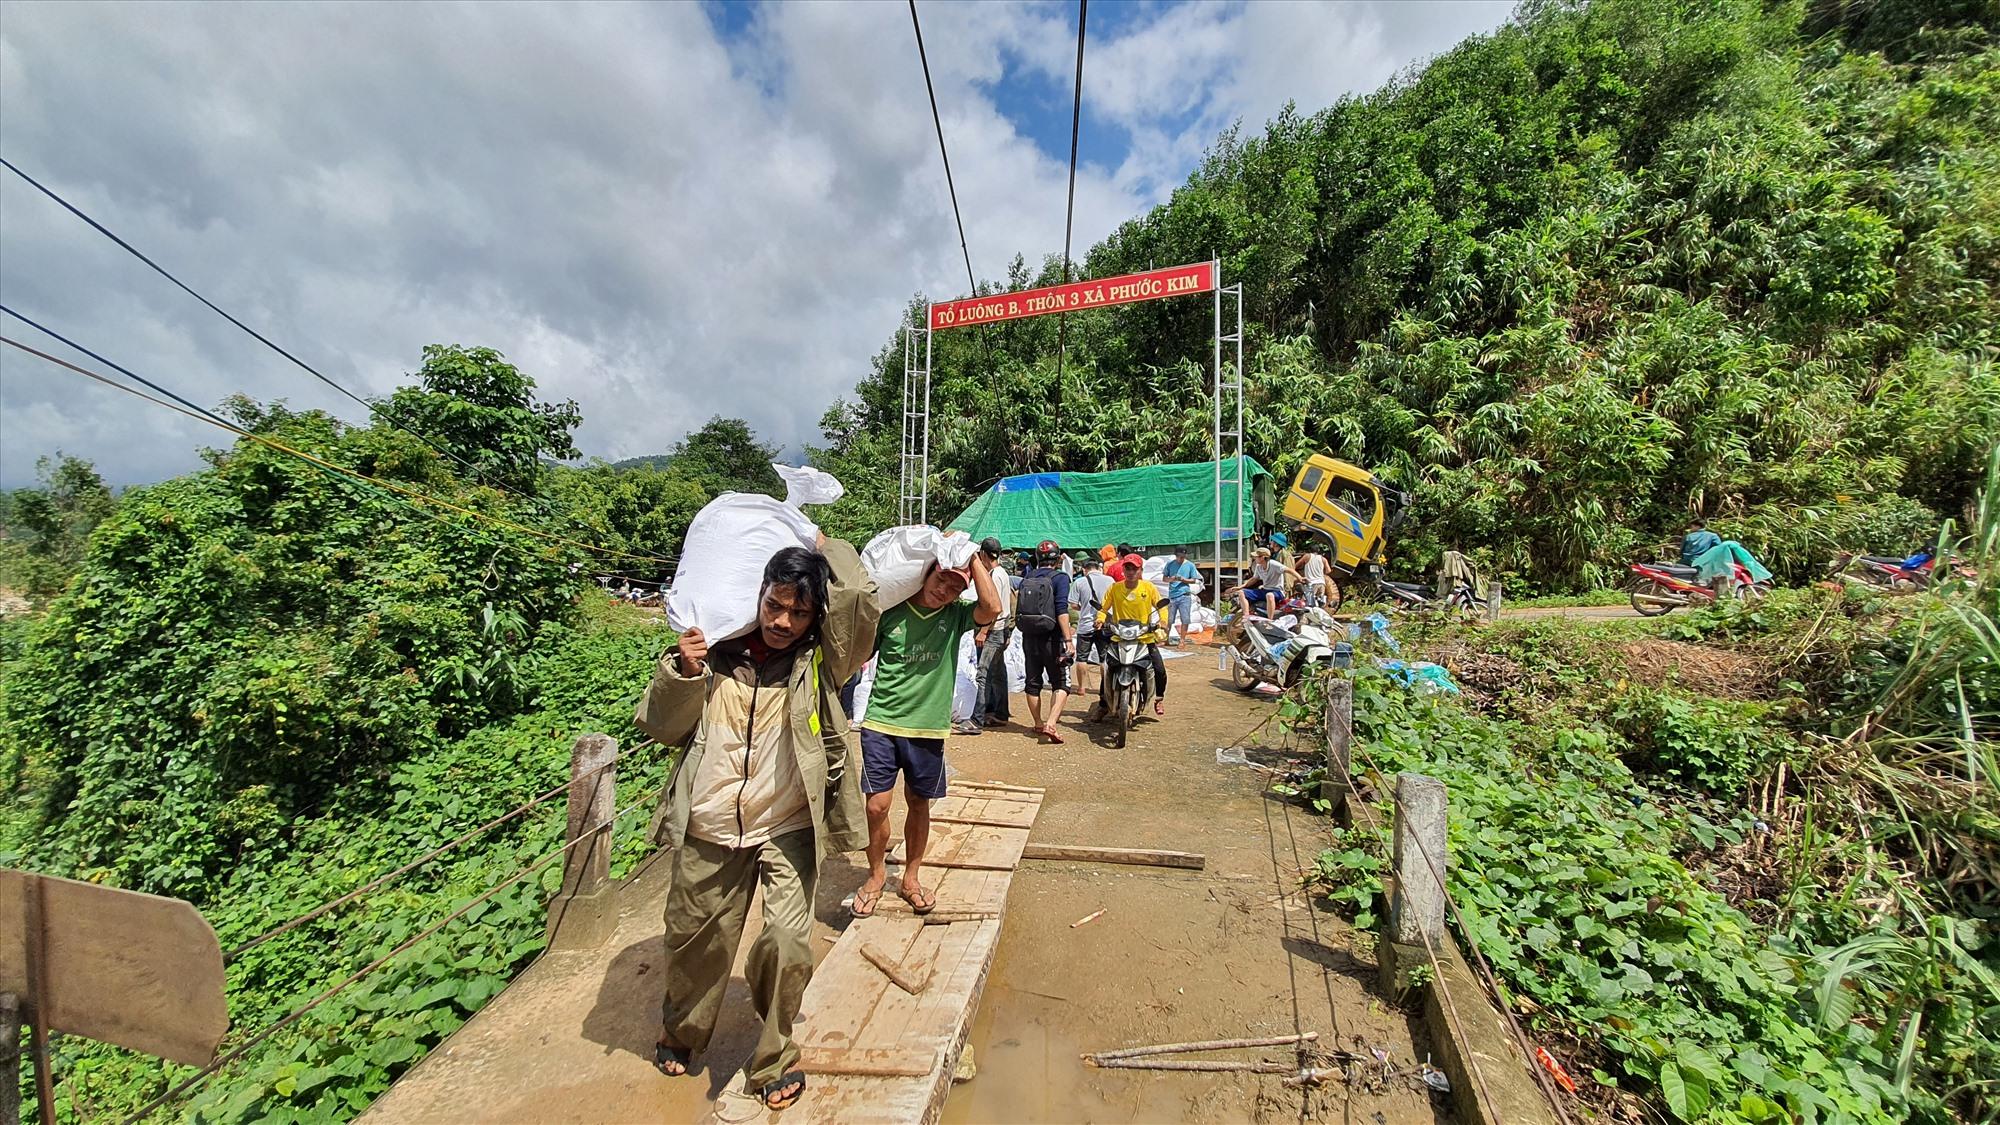 Sau khi thông tuyến, xe chở gạo và nhu yếu phẩm tiếp ứng cho xã Phước Thành đã vào đến nơi. Hơn 7 tấn hàng được chuyển bằng đường bộ vào Phước Thành.